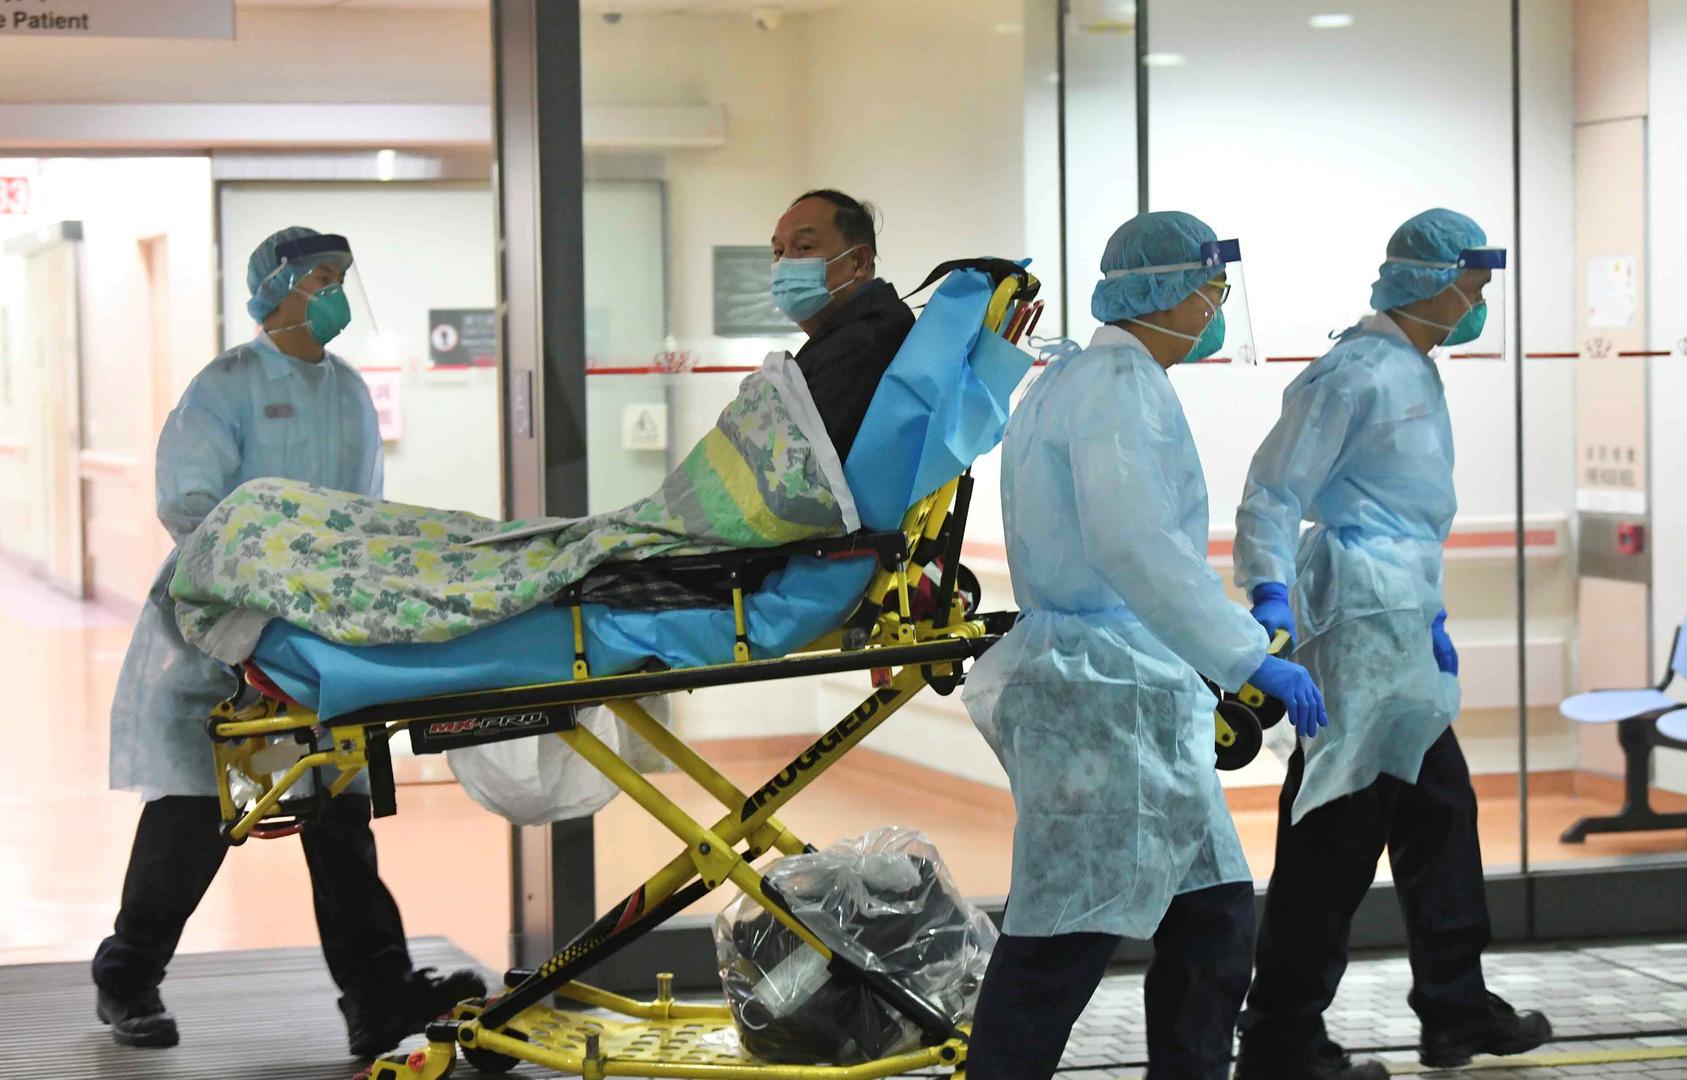 طبيب بريطاني يكشف إصابة نصف طاقم مستشفى في ويلز بالفيروس التاجي - RT Arabic